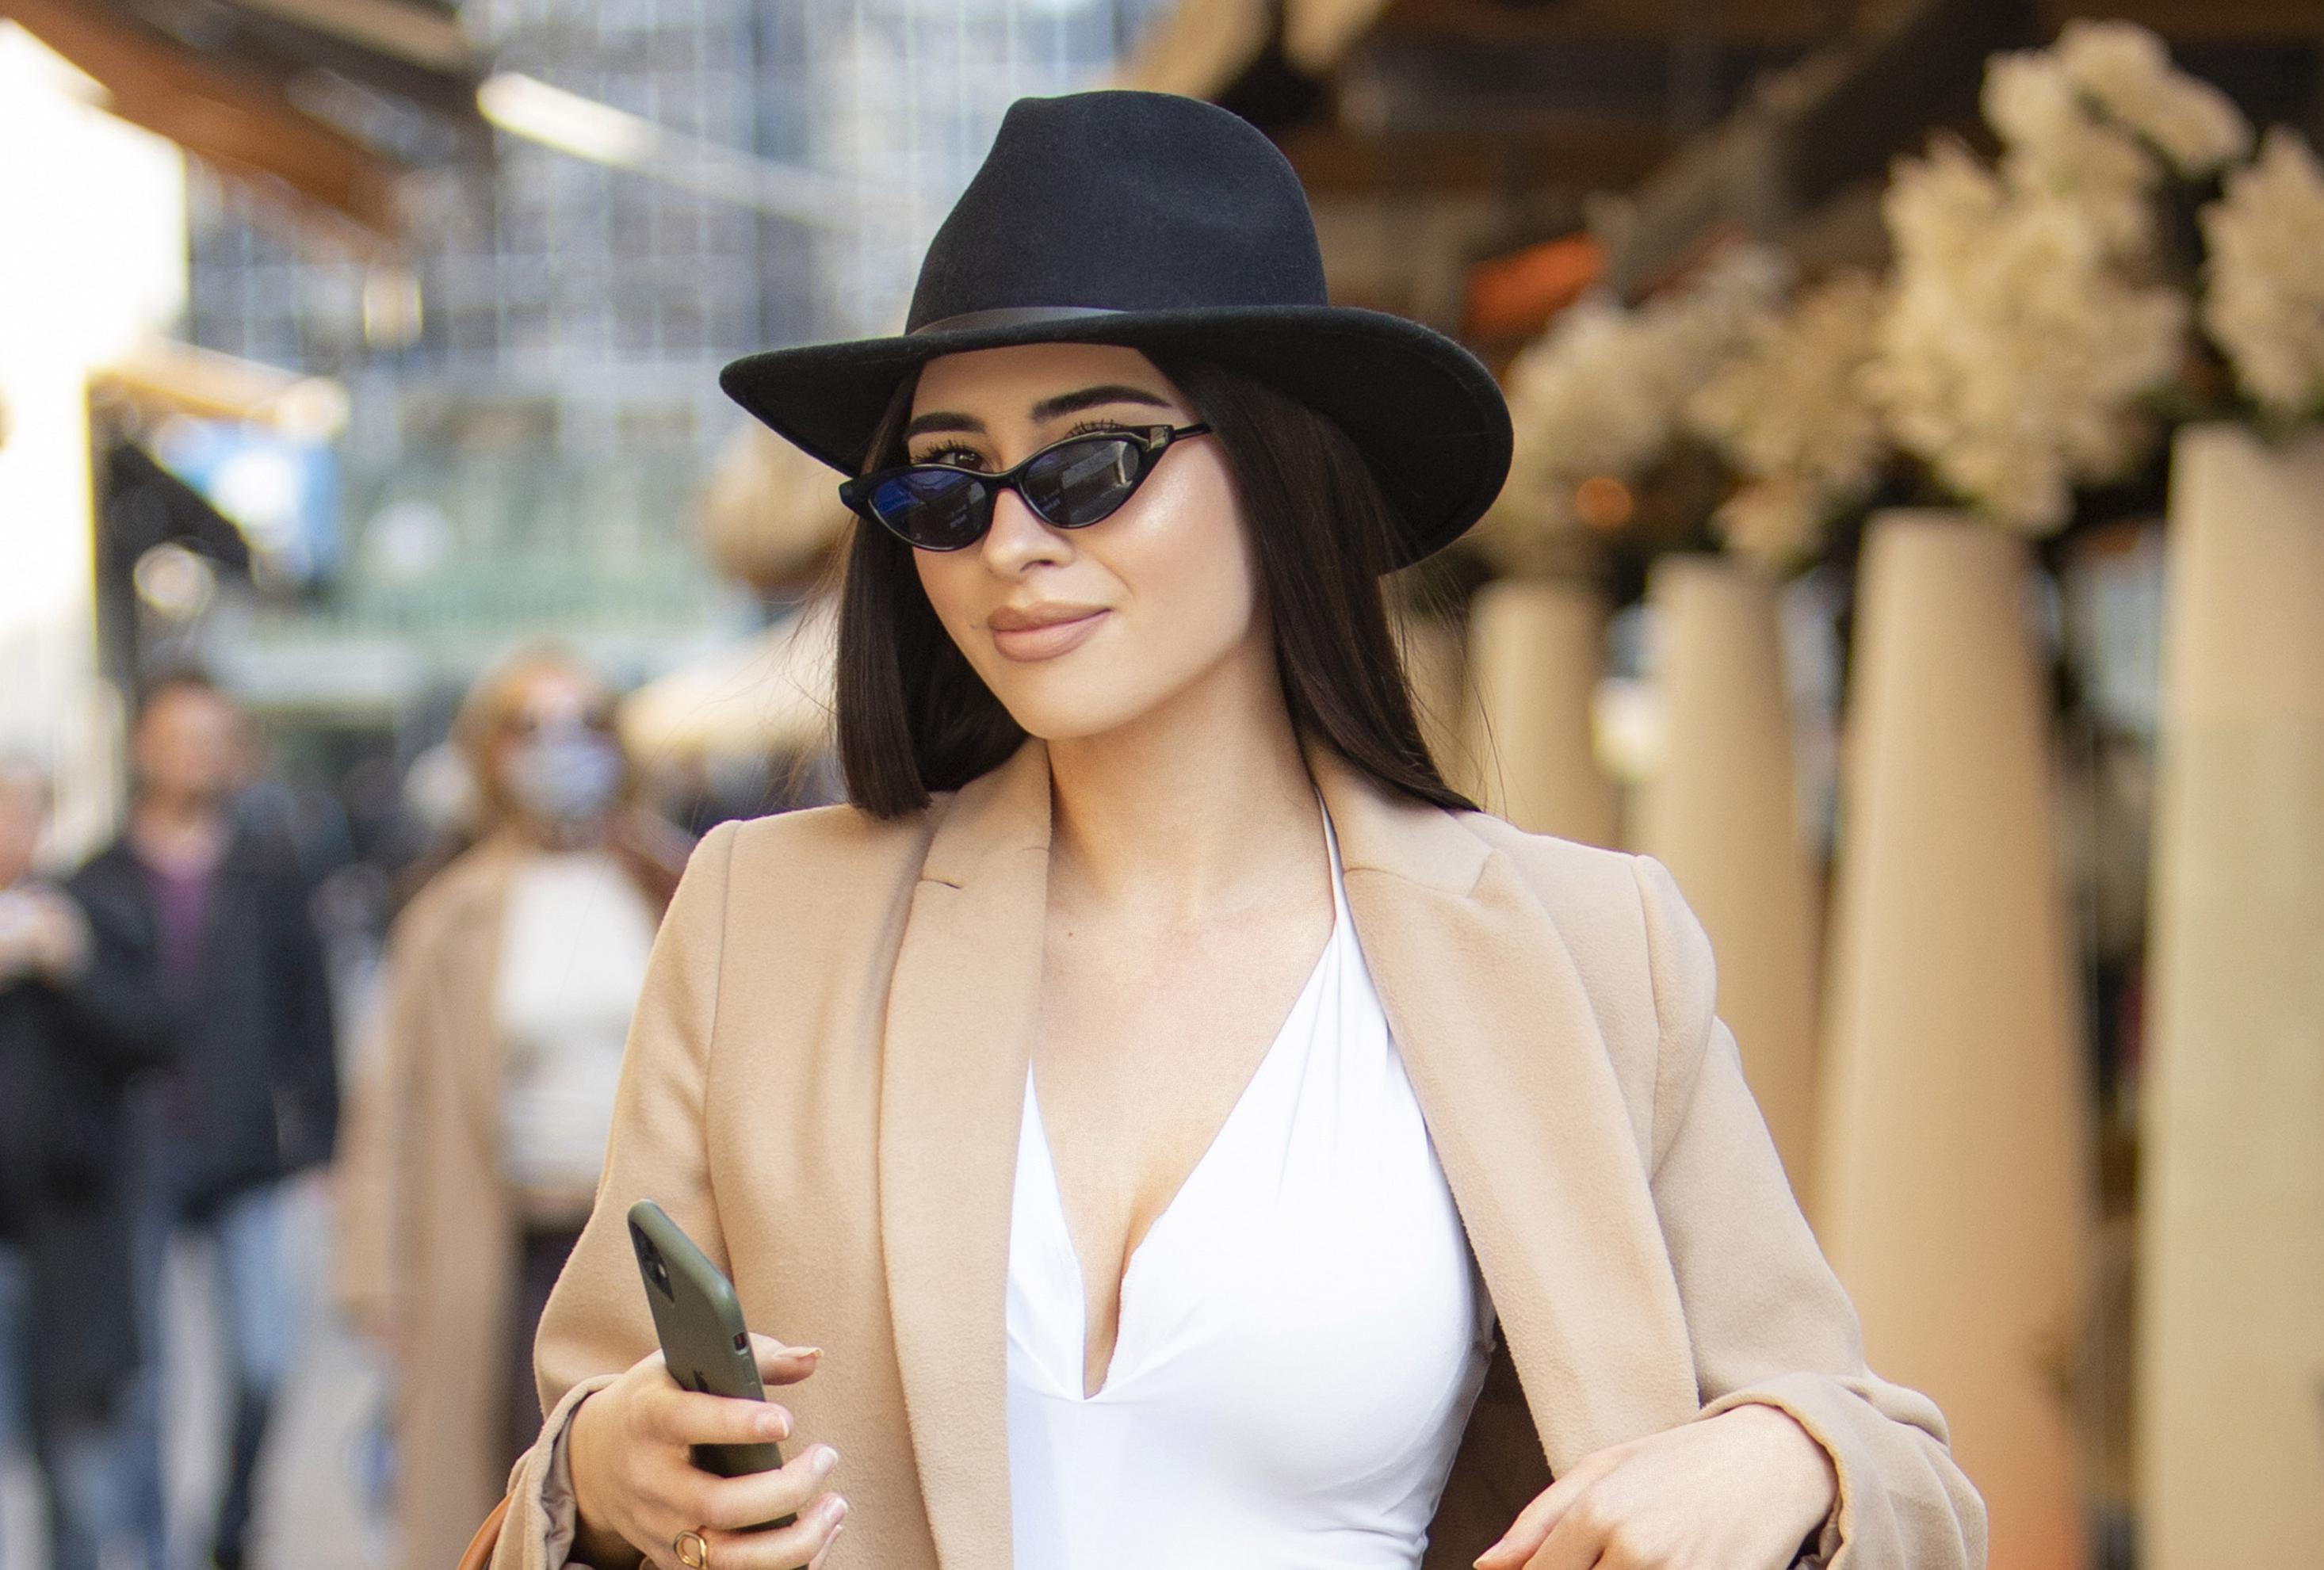 Zgodnoj brineti odlično pristaje kombinacija minice i čizama: 'Volim sportski stil, ali češće sam u elegantnom'